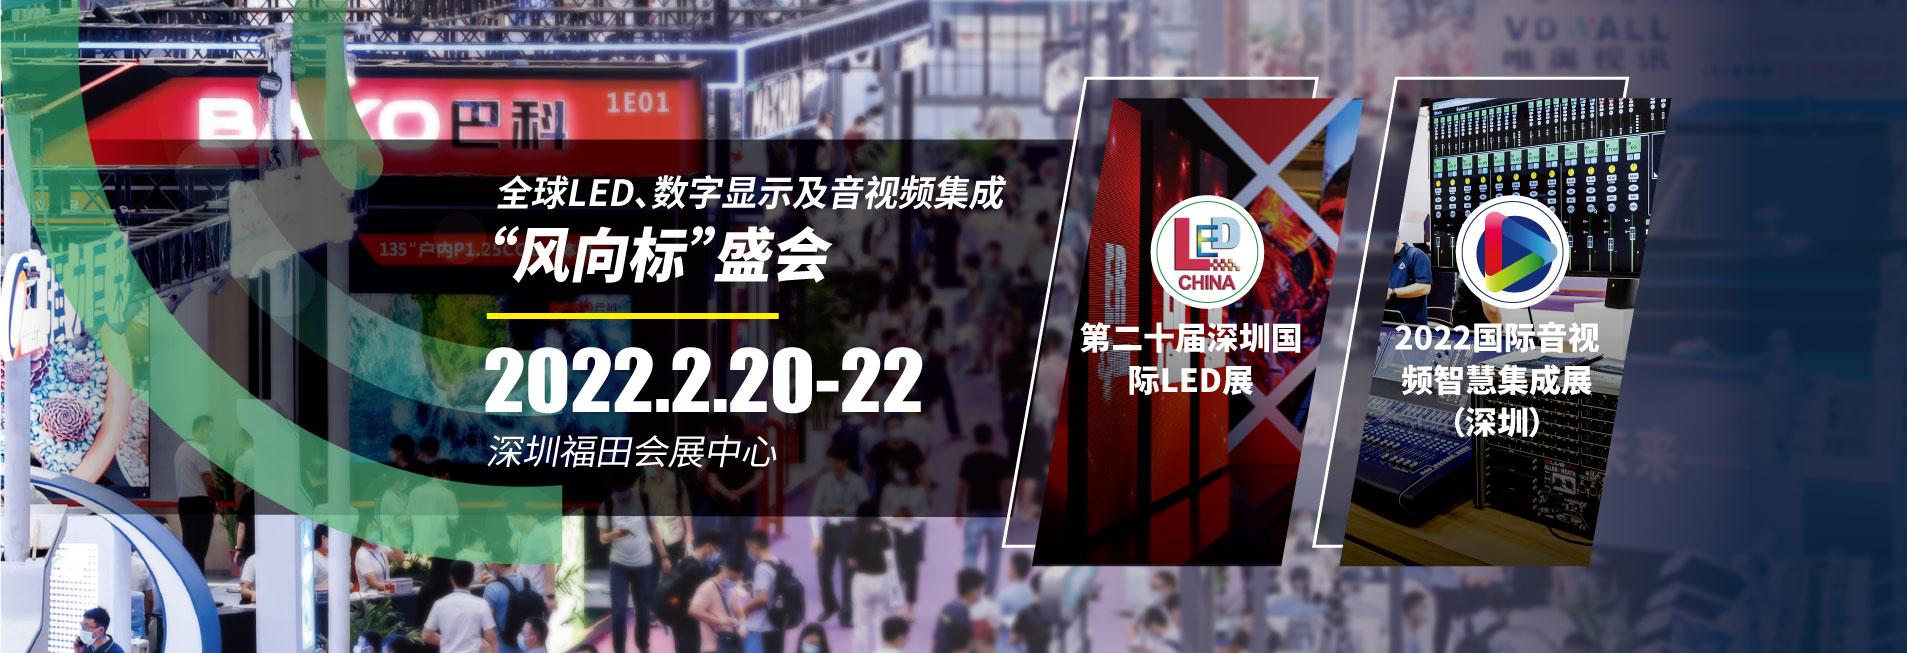 深圳展banner